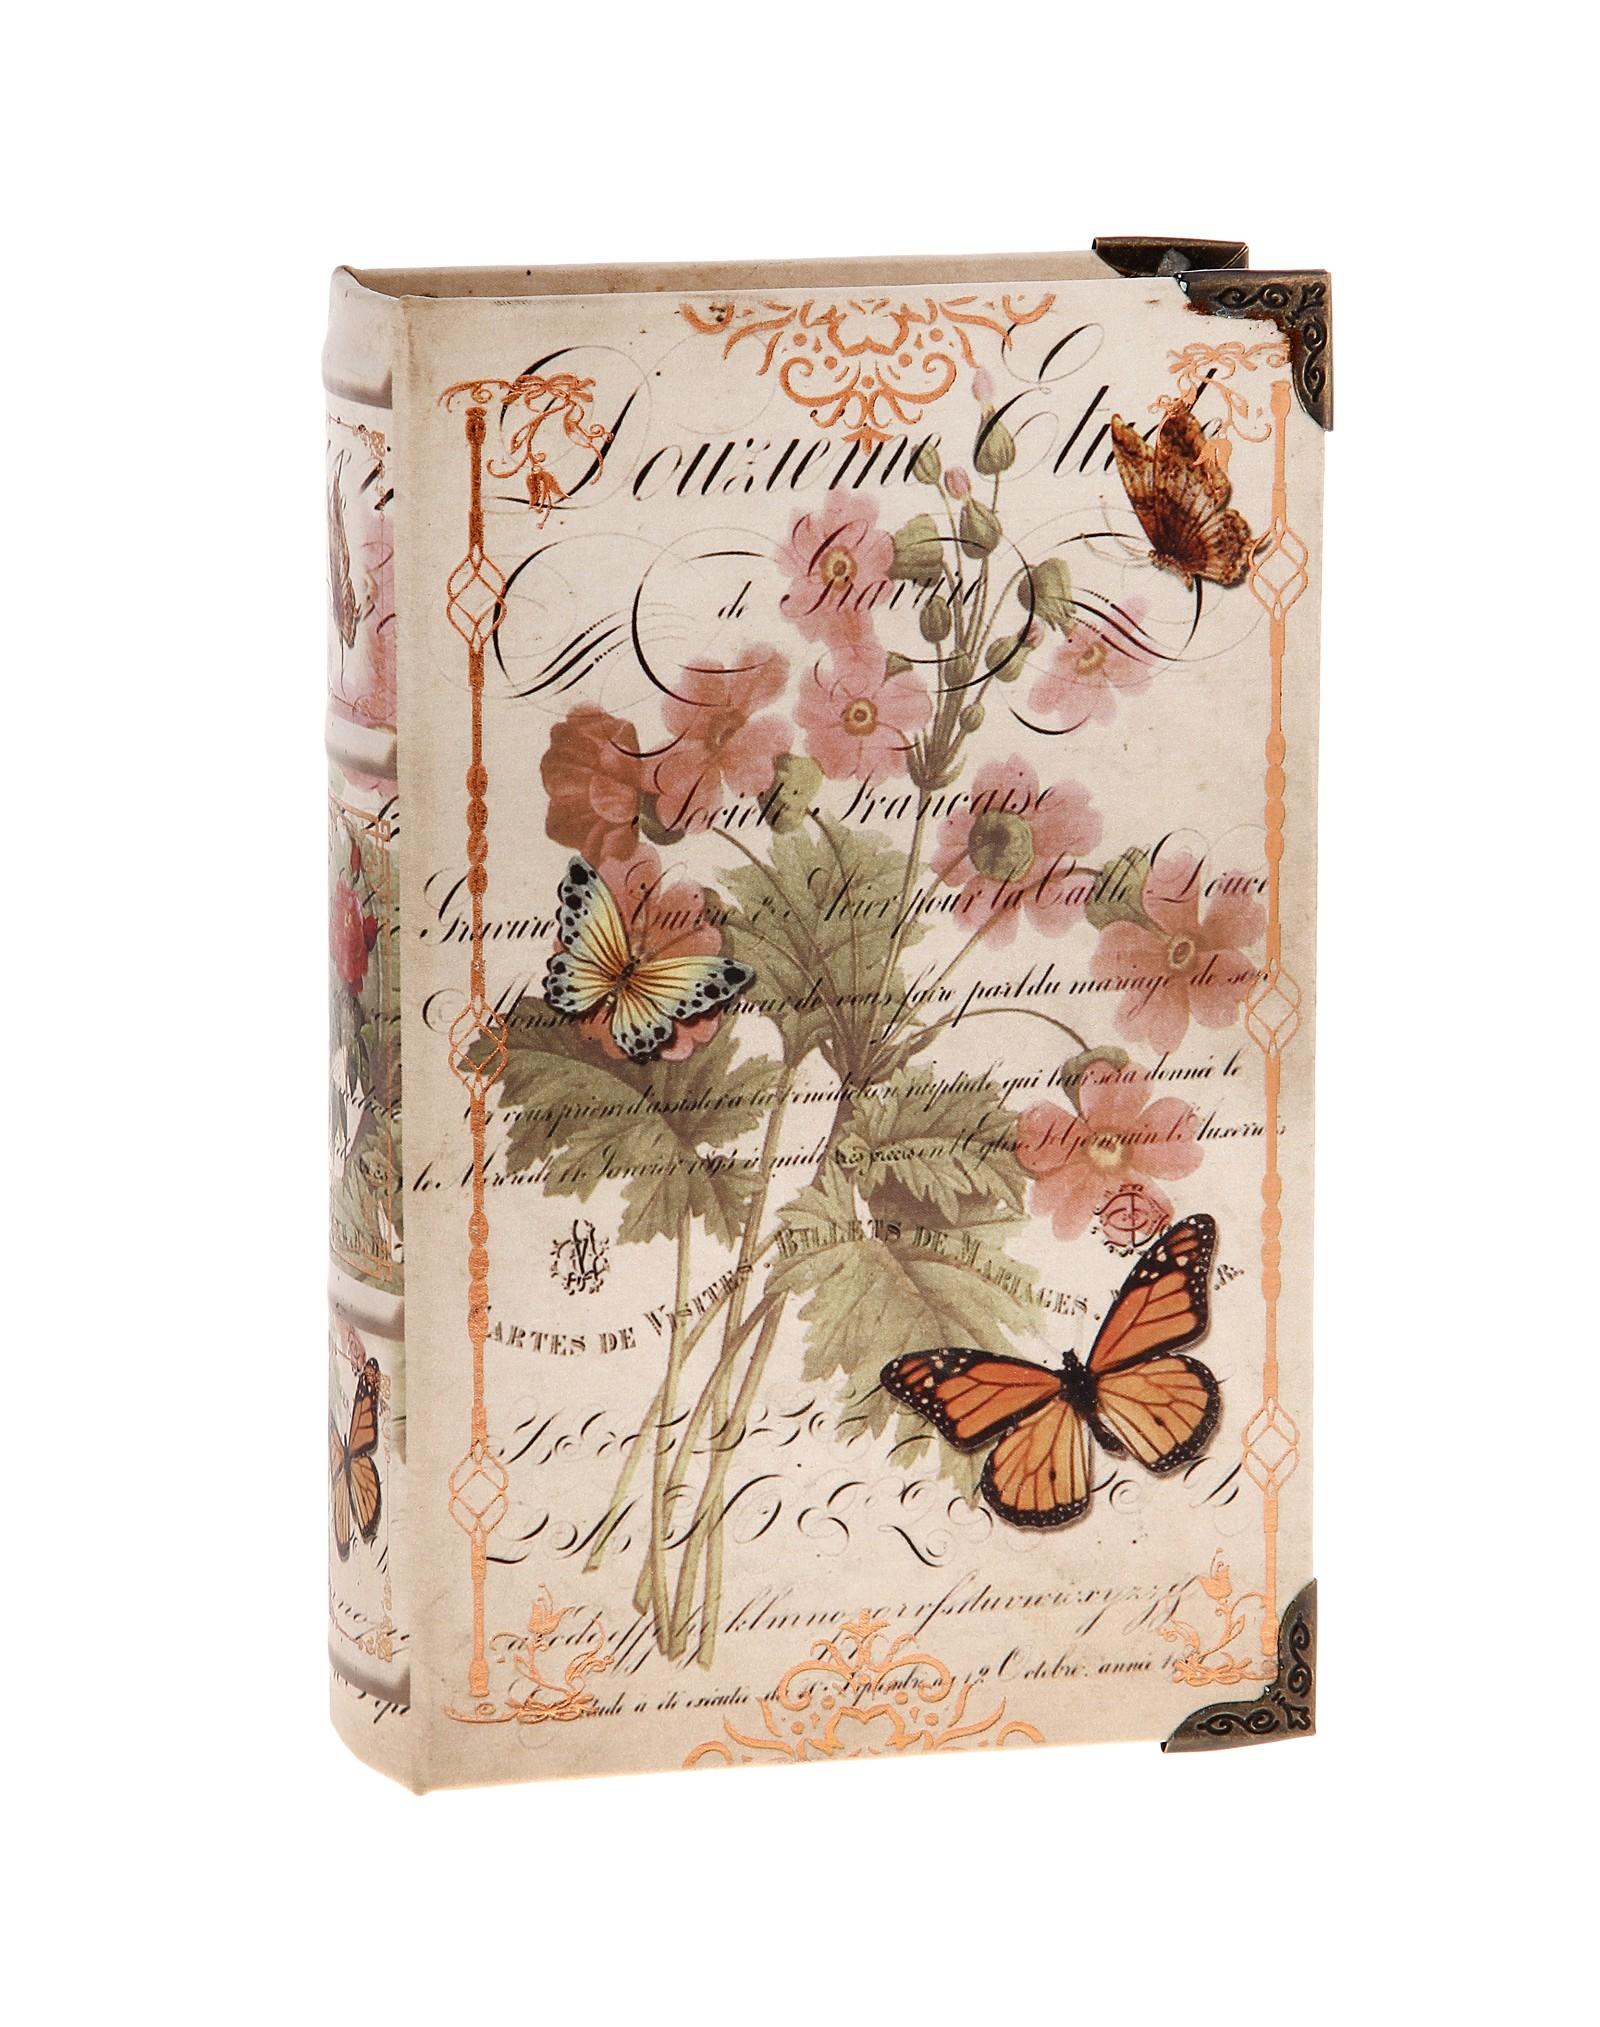 Шкатулка-книга Полевые цветы34551Оригинальное оформление шкатулки, несомненно, привлечет внимание. Шкатулка изготовлена в виде книги из дерева, поверхность которой выполнена из шёлка и оформлена изображением прекрасной цветочной композиции в нежных тонах. Такая шкатулка может использоваться для хранения бижутерии, в качестве украшения интерьера, а также послужит хорошим подарком для человека, ценящего практичные и оригинальные вещицы. Характеристики:Материал: дерево, шёлк, металл. Цвет: коричневый. Размер шкатулки (в закрытом виде): 24 см х 16 см х 5 см. Размер упаковки: 24,5 см х 16 см х 5 см. Артикул: 680713.